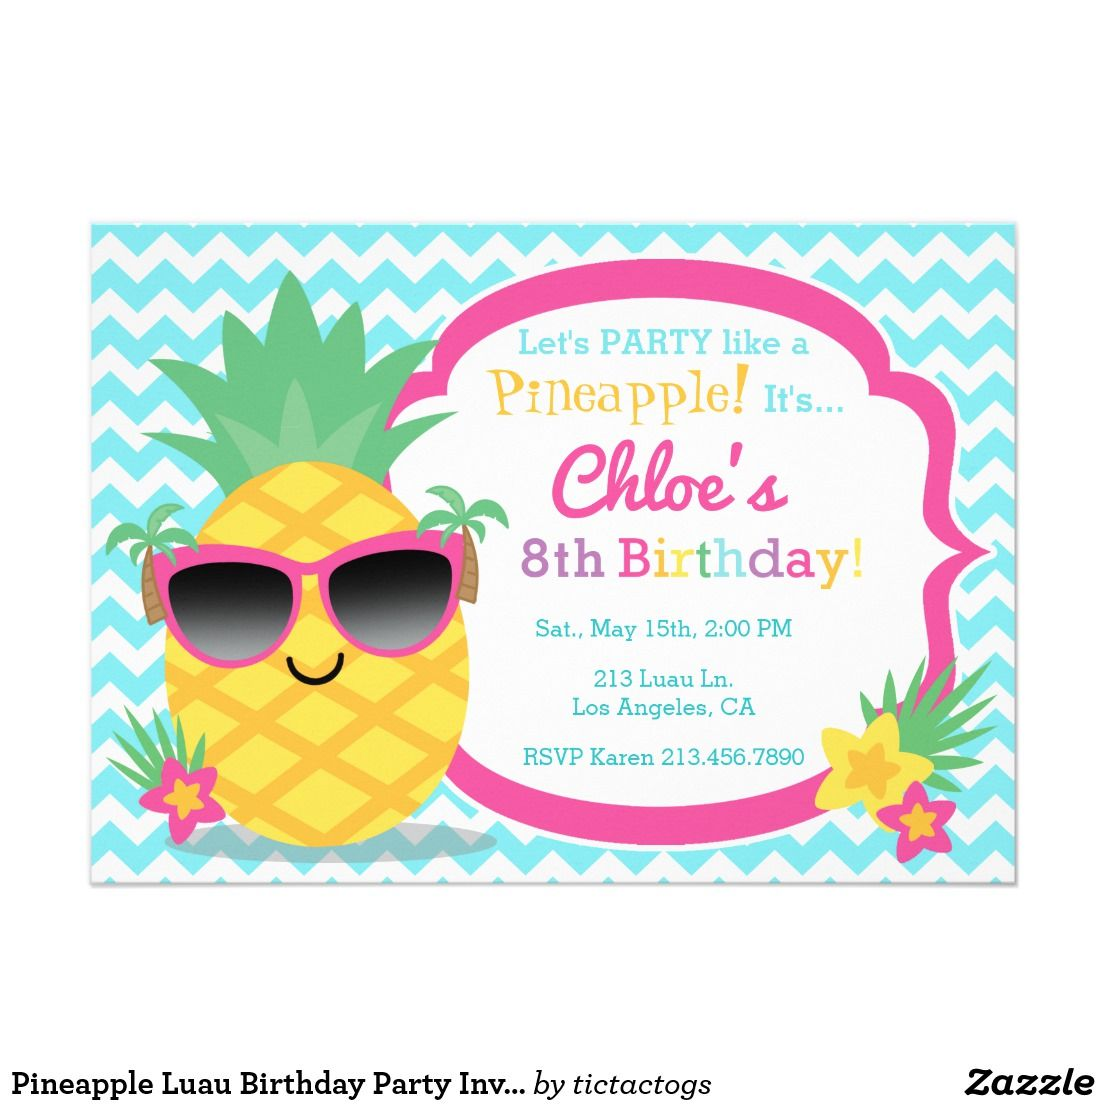 Pineapple luau birthday party invitation pineapple luau birthday party invitation party like a pineapple with this adorable birthday invitation features stopboris Choice Image